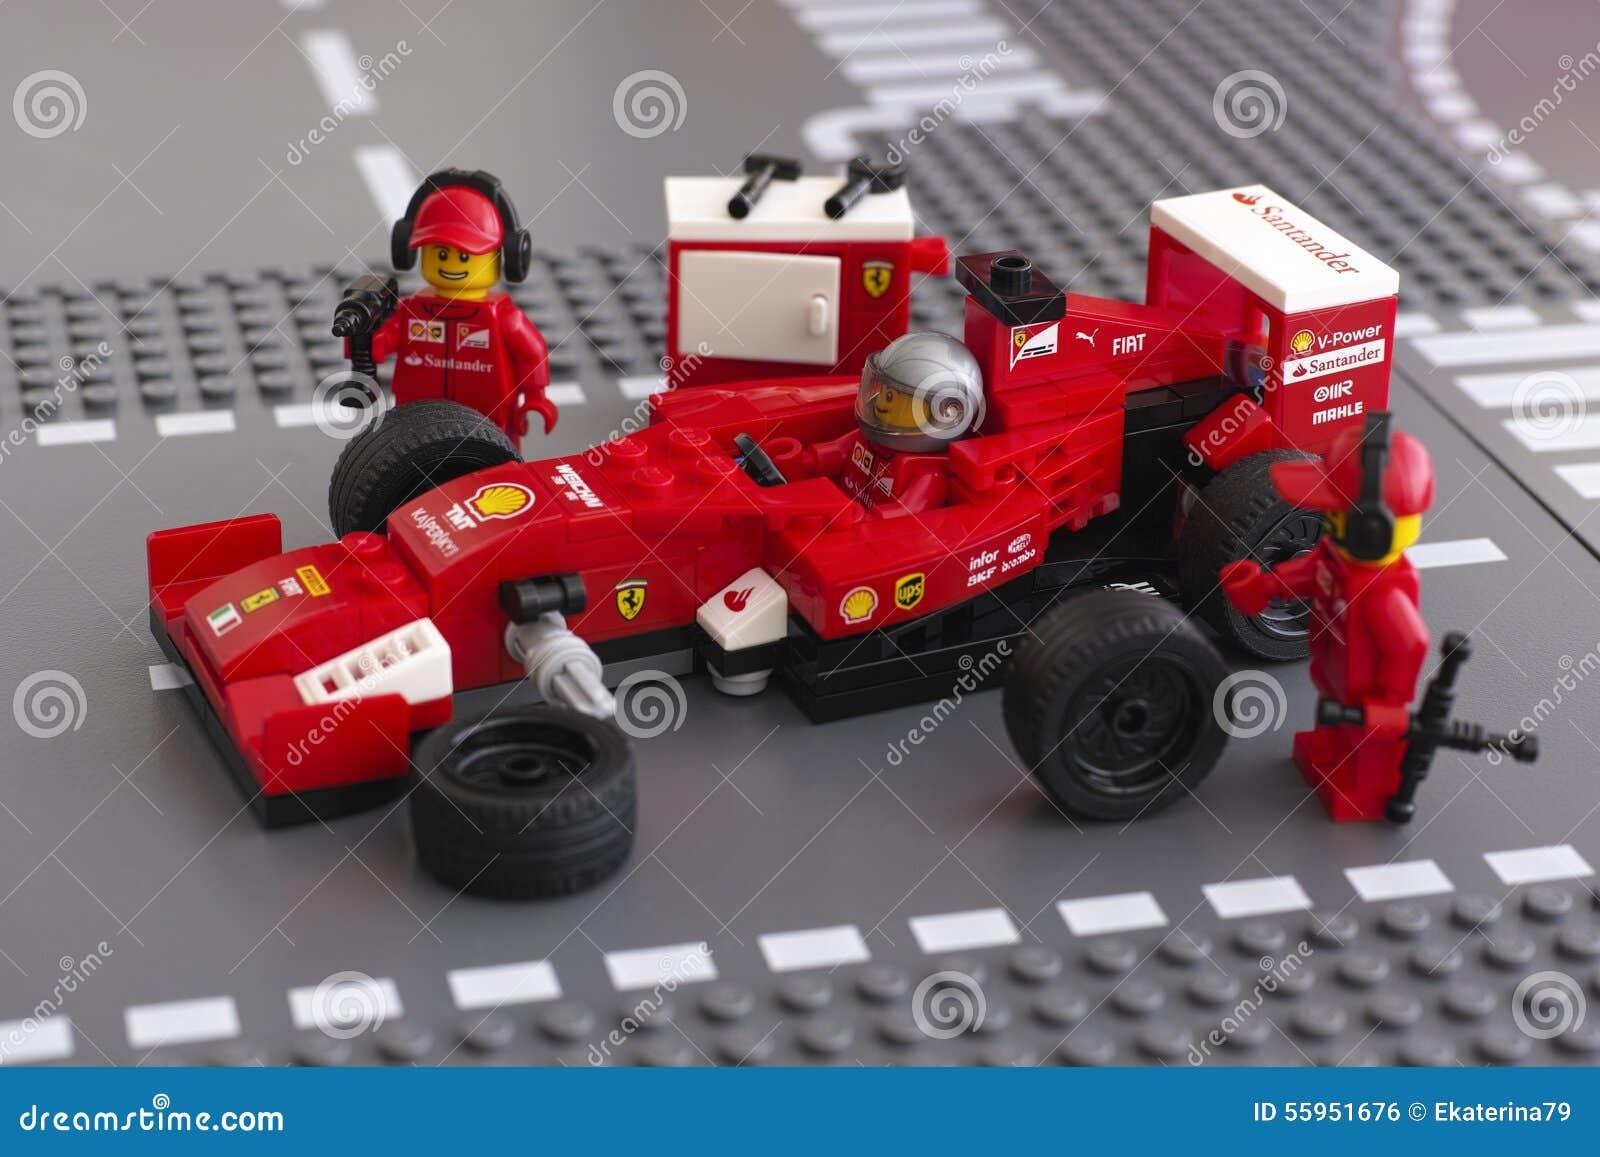 Roue de fixation de voiture de course de ferrari f14 t par - Photo voiture de course ferrari ...